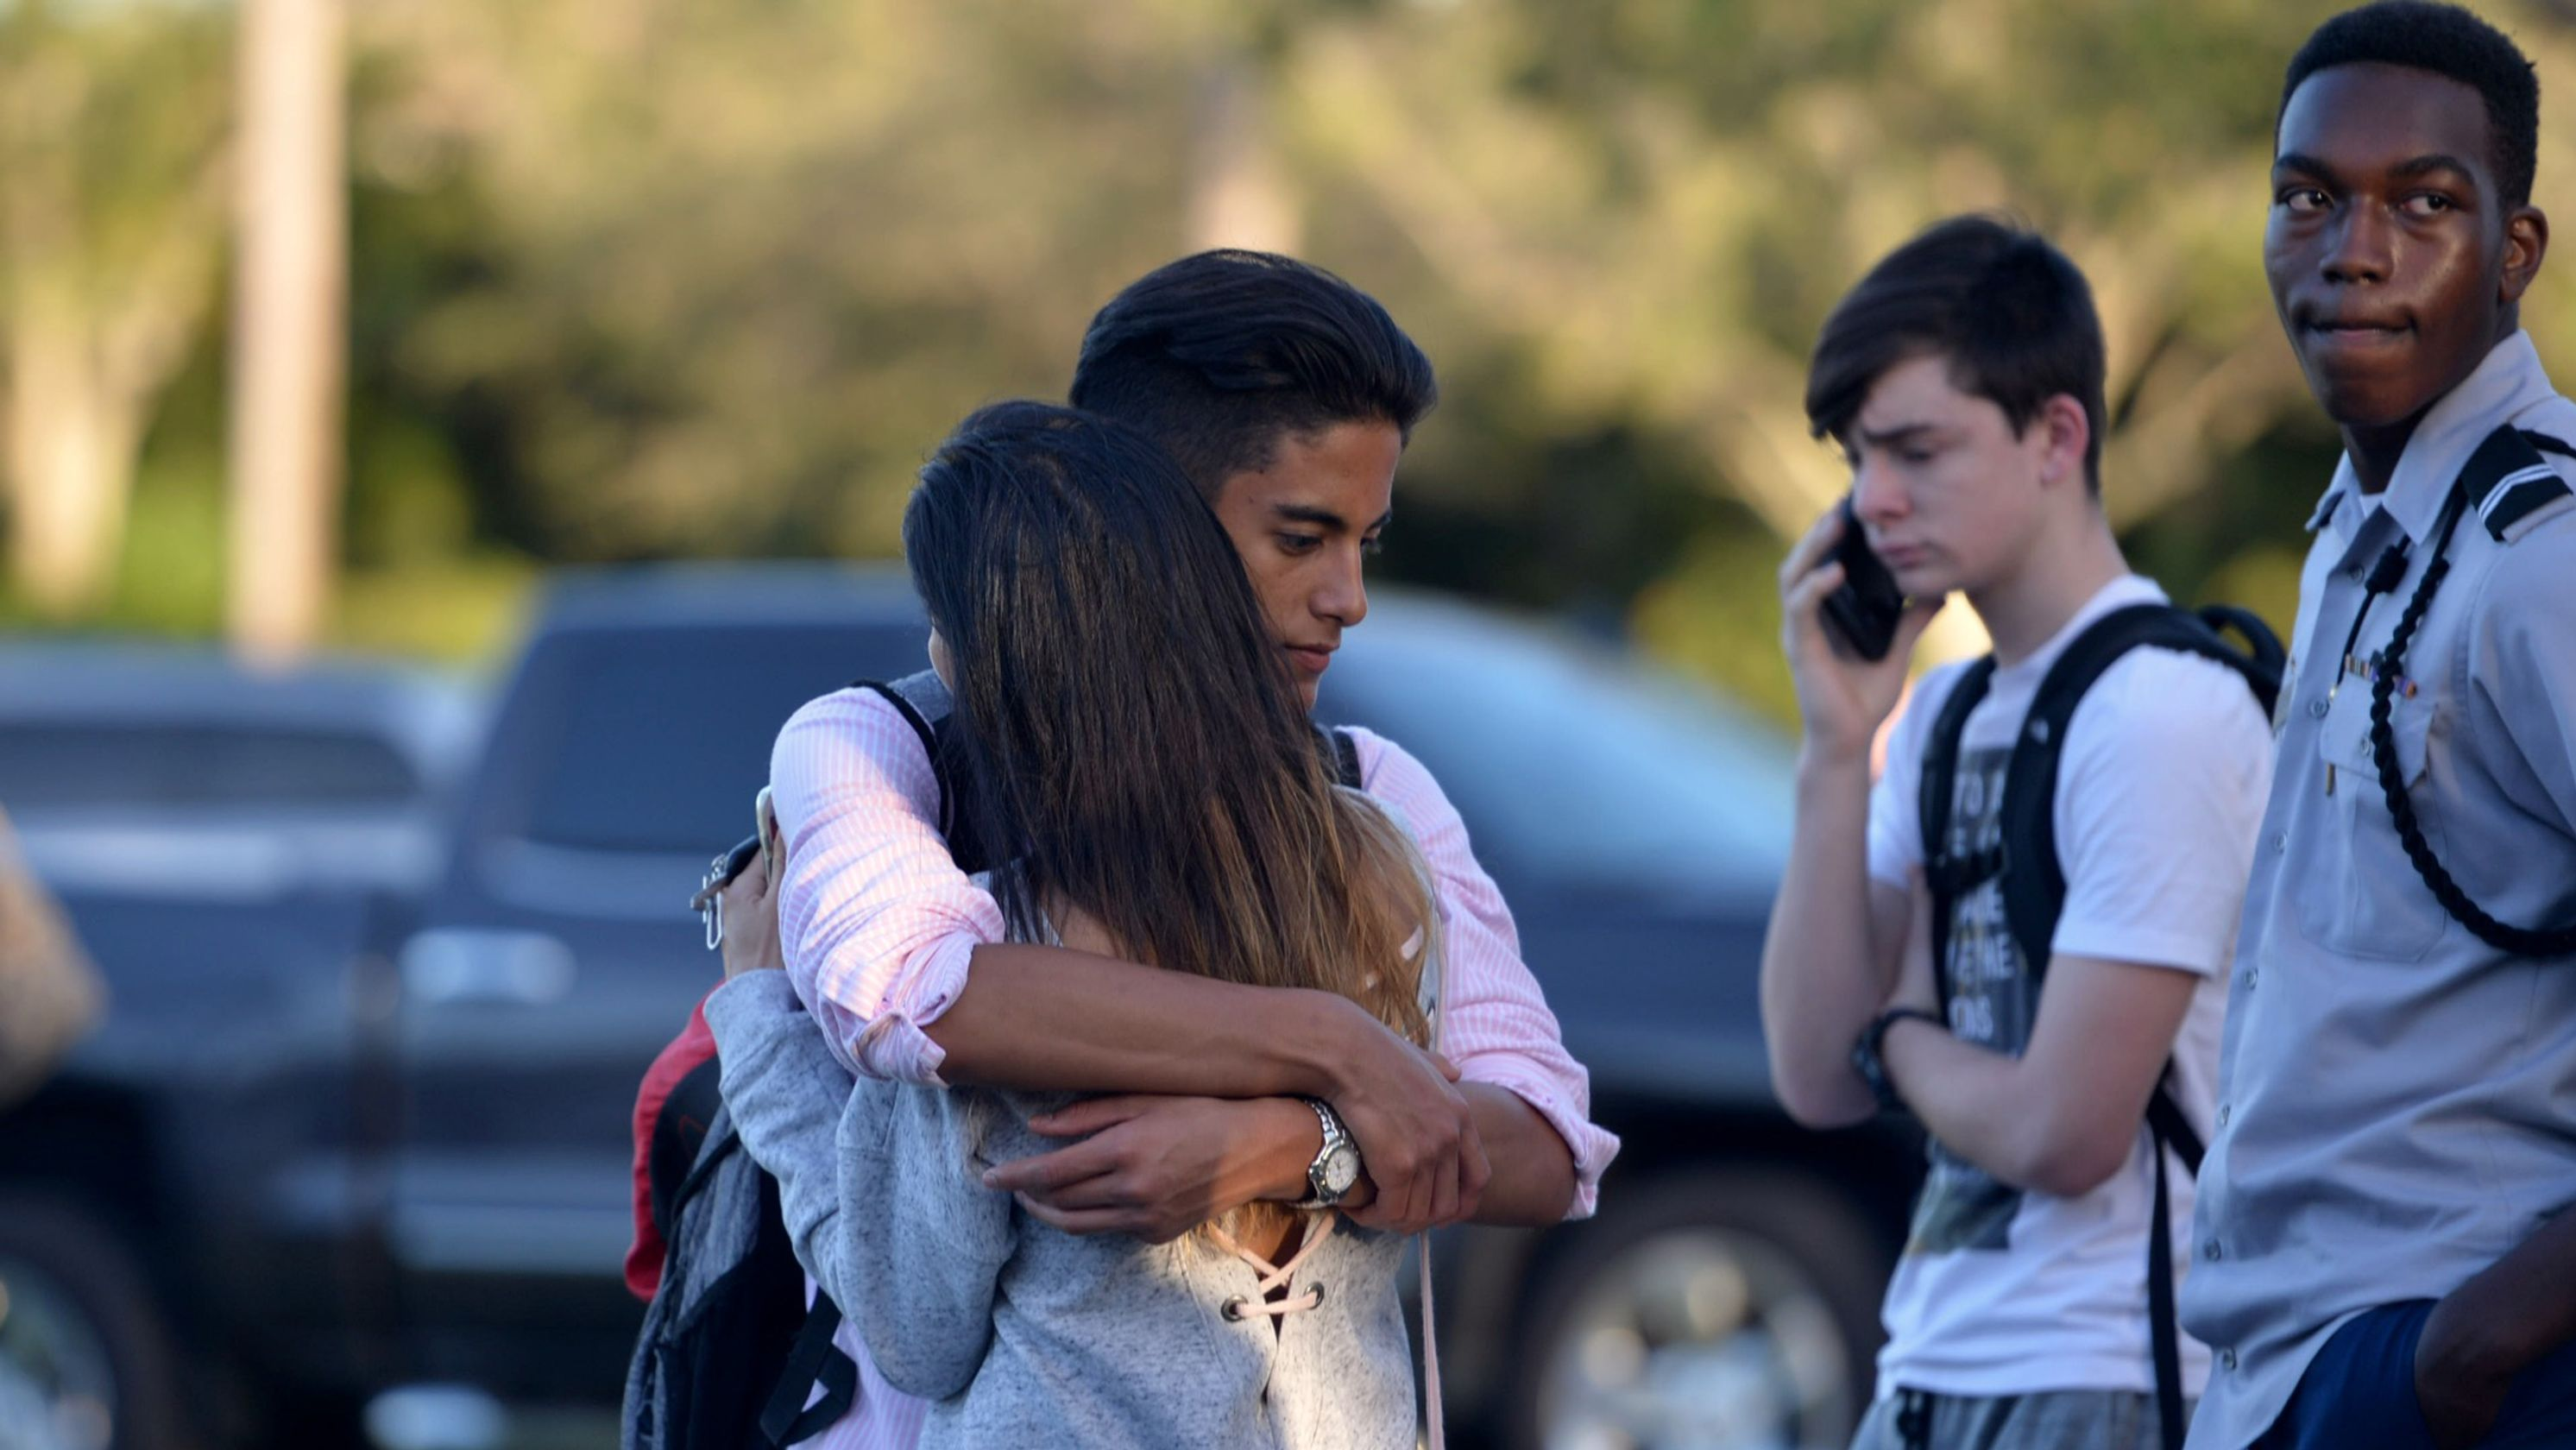 A supraviețuit atentatului terorist, dar la scurt timp s-a sinucis. Drama neștiută a unei tinere de 19 ani